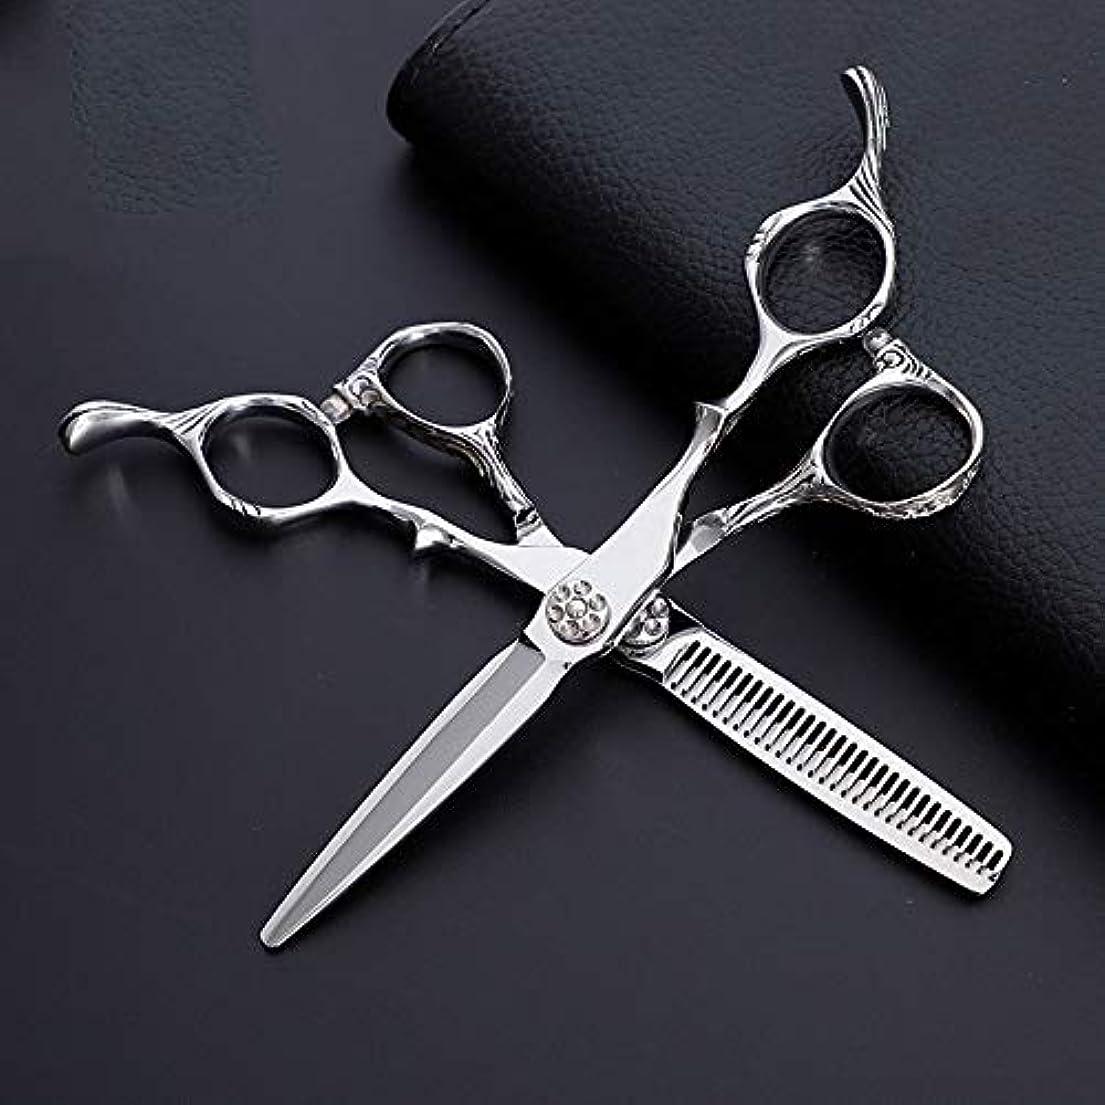 願望受賞権限を与える6インチ美容院プロフェッショナル理髪セットハイエンド理髪はさみ、フラットはさみ+歯はさみ モデリングツール (色 : Silver)